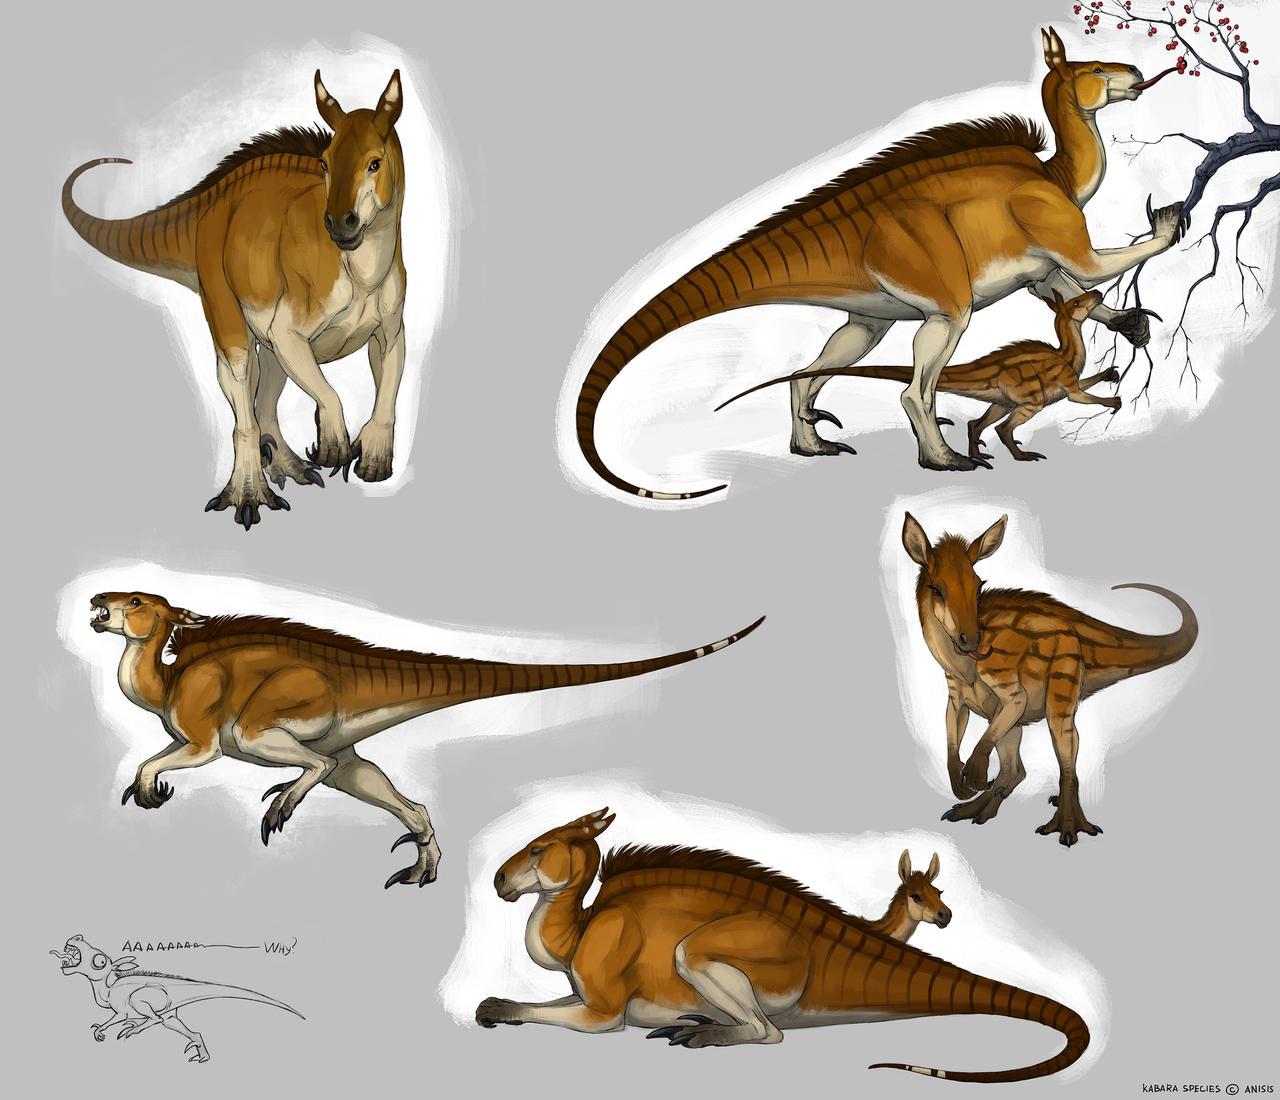 Kabara sketches